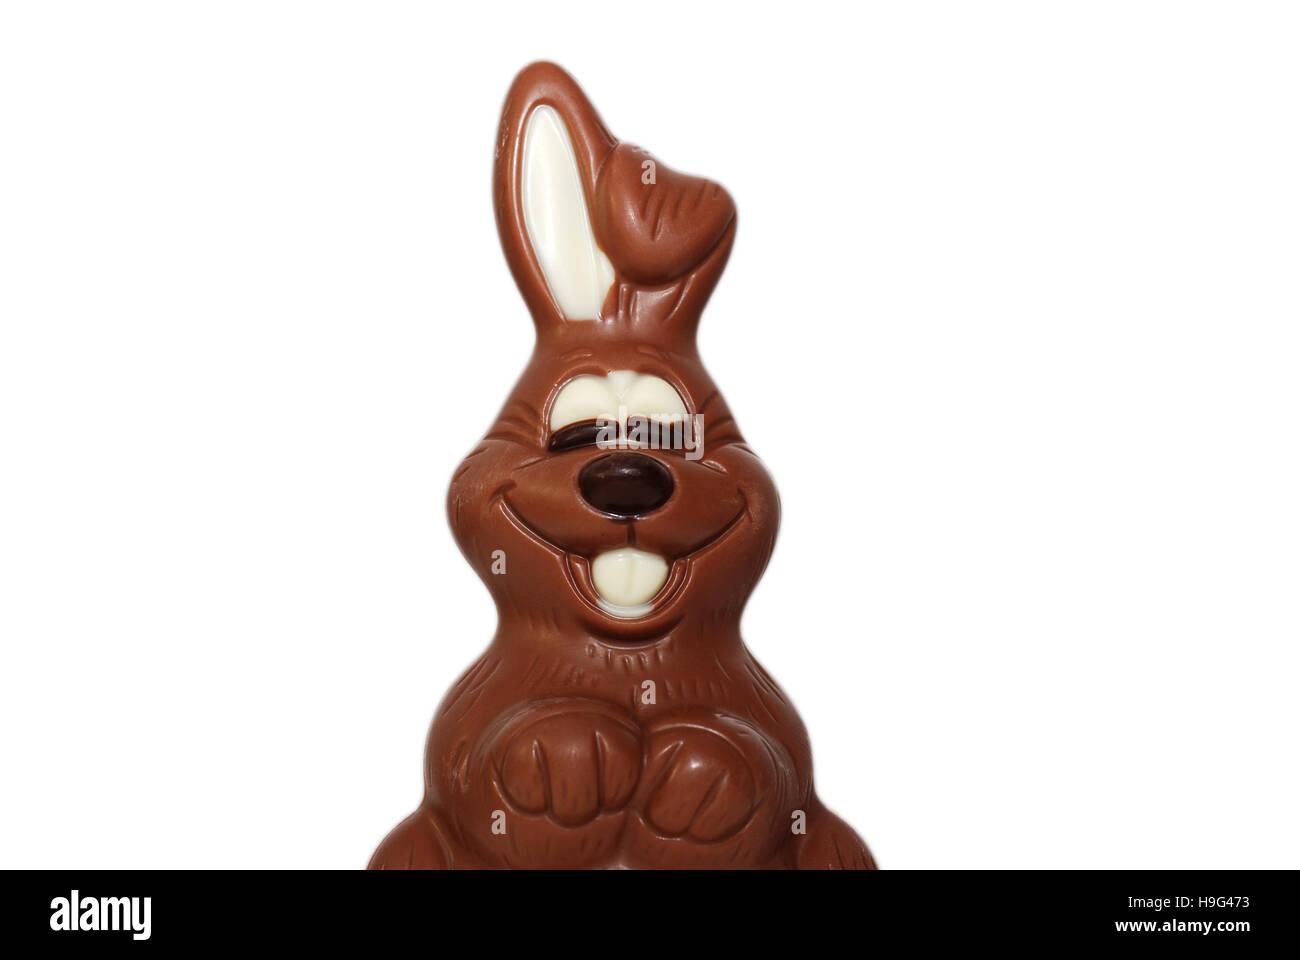 Dettaglio del coniglio di cioccolato Foto Stock